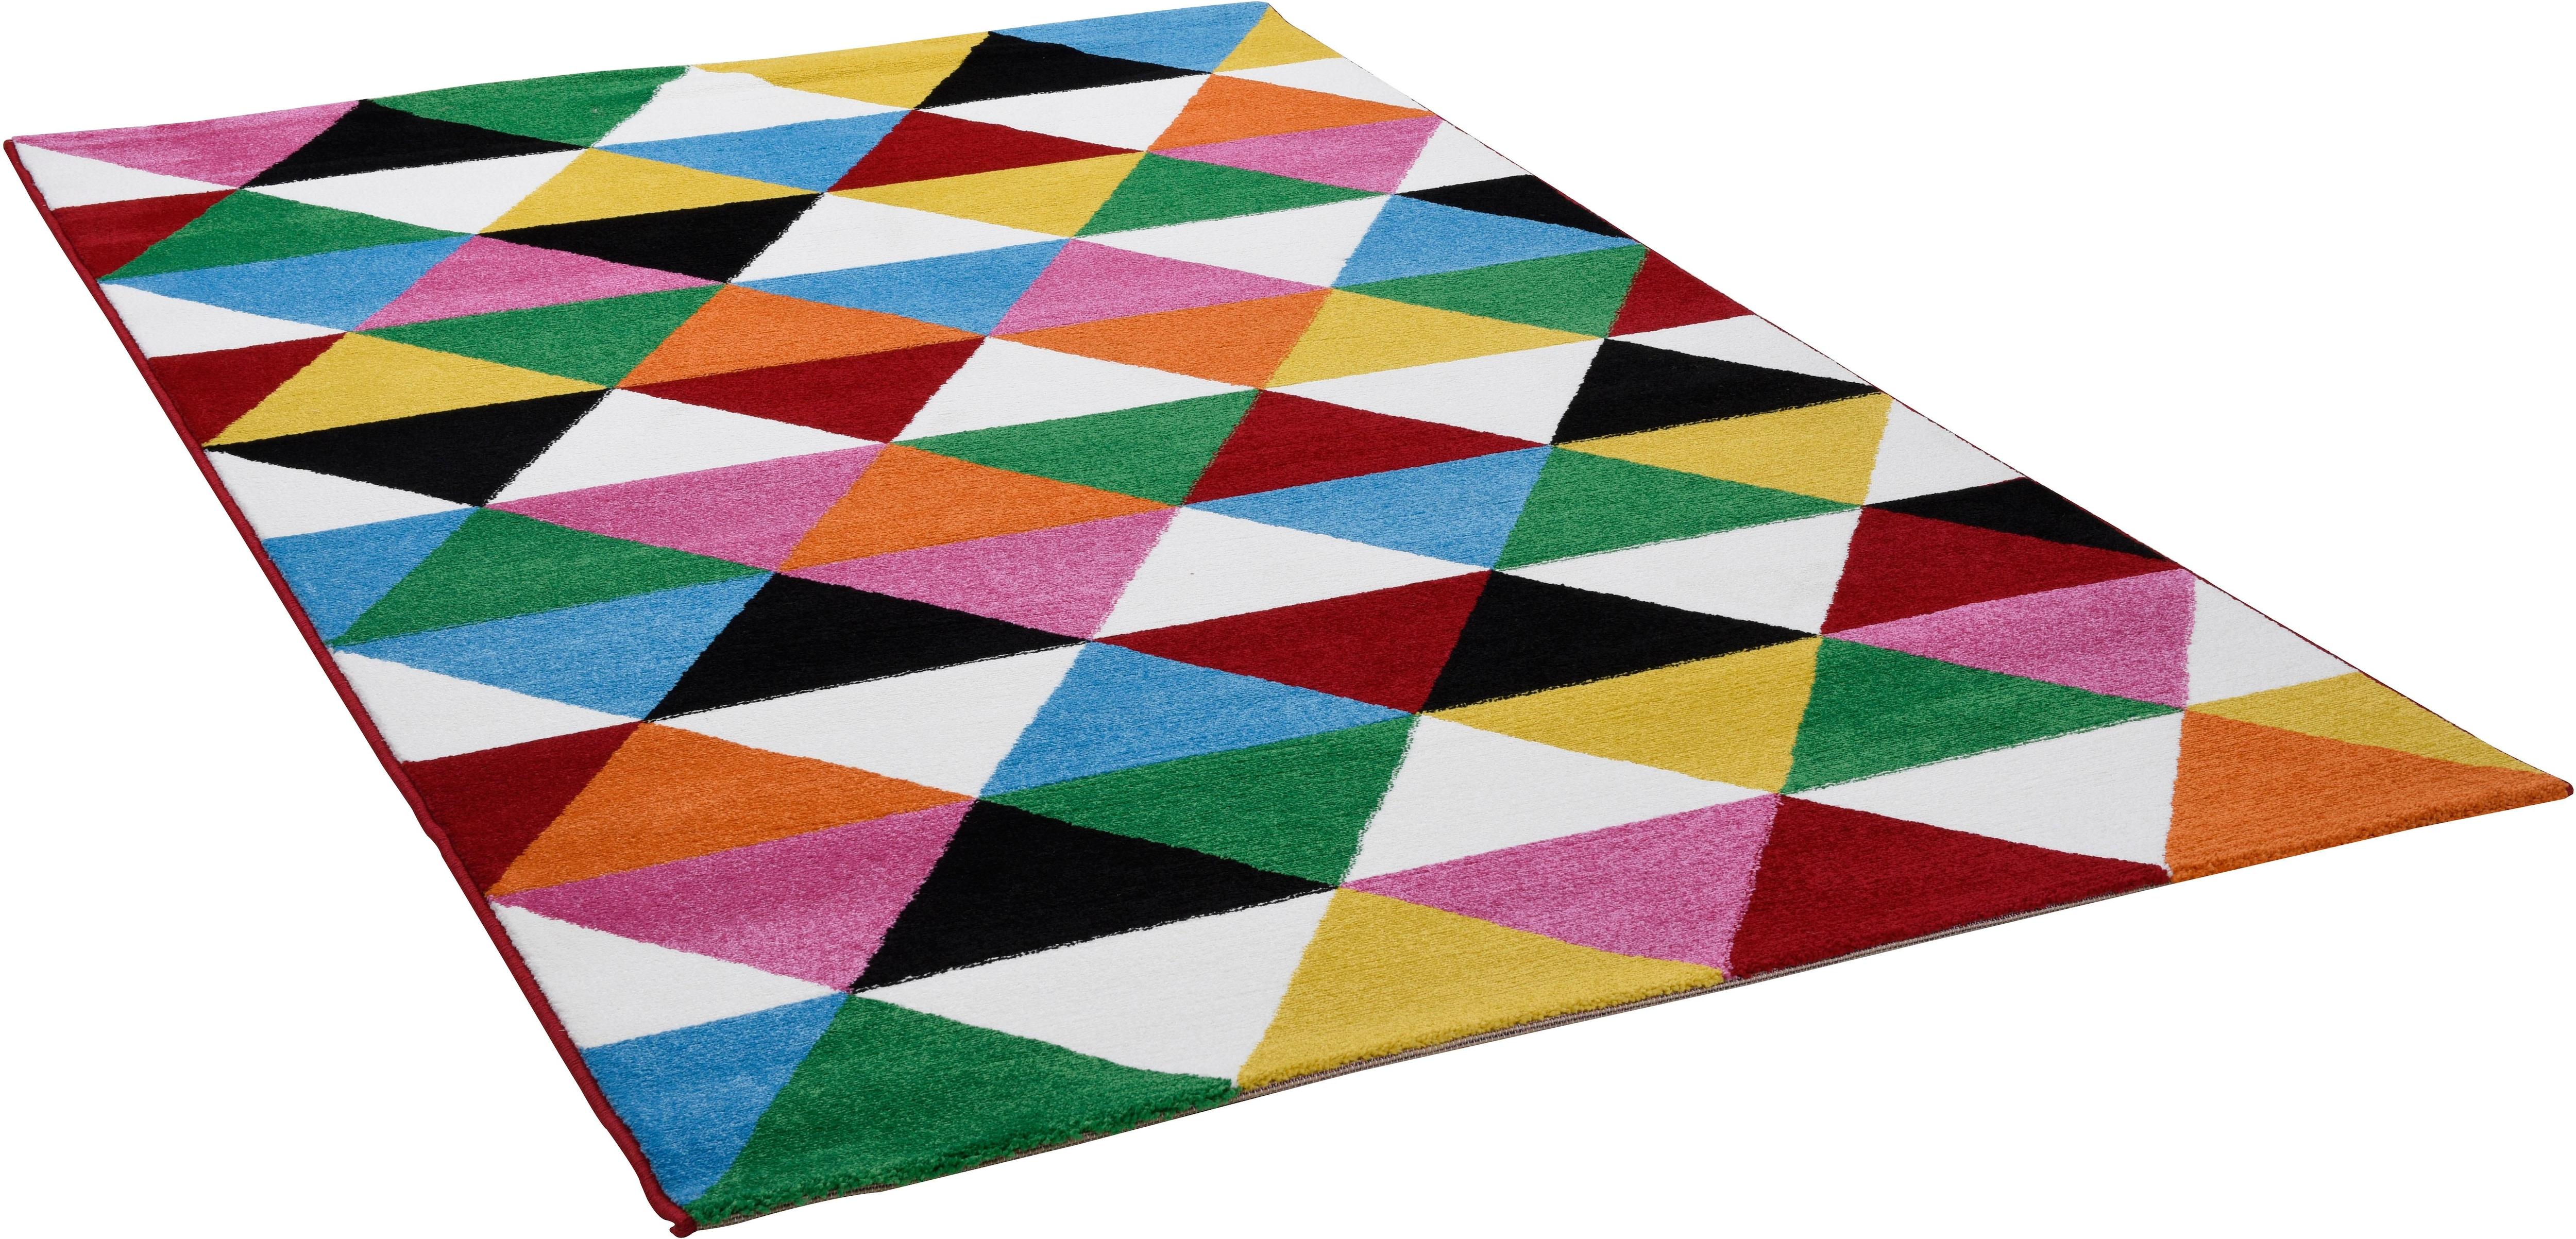 Teppich Monia 25 Gino Falcone rechteckig Höhe 11 mm maschinell gewebt